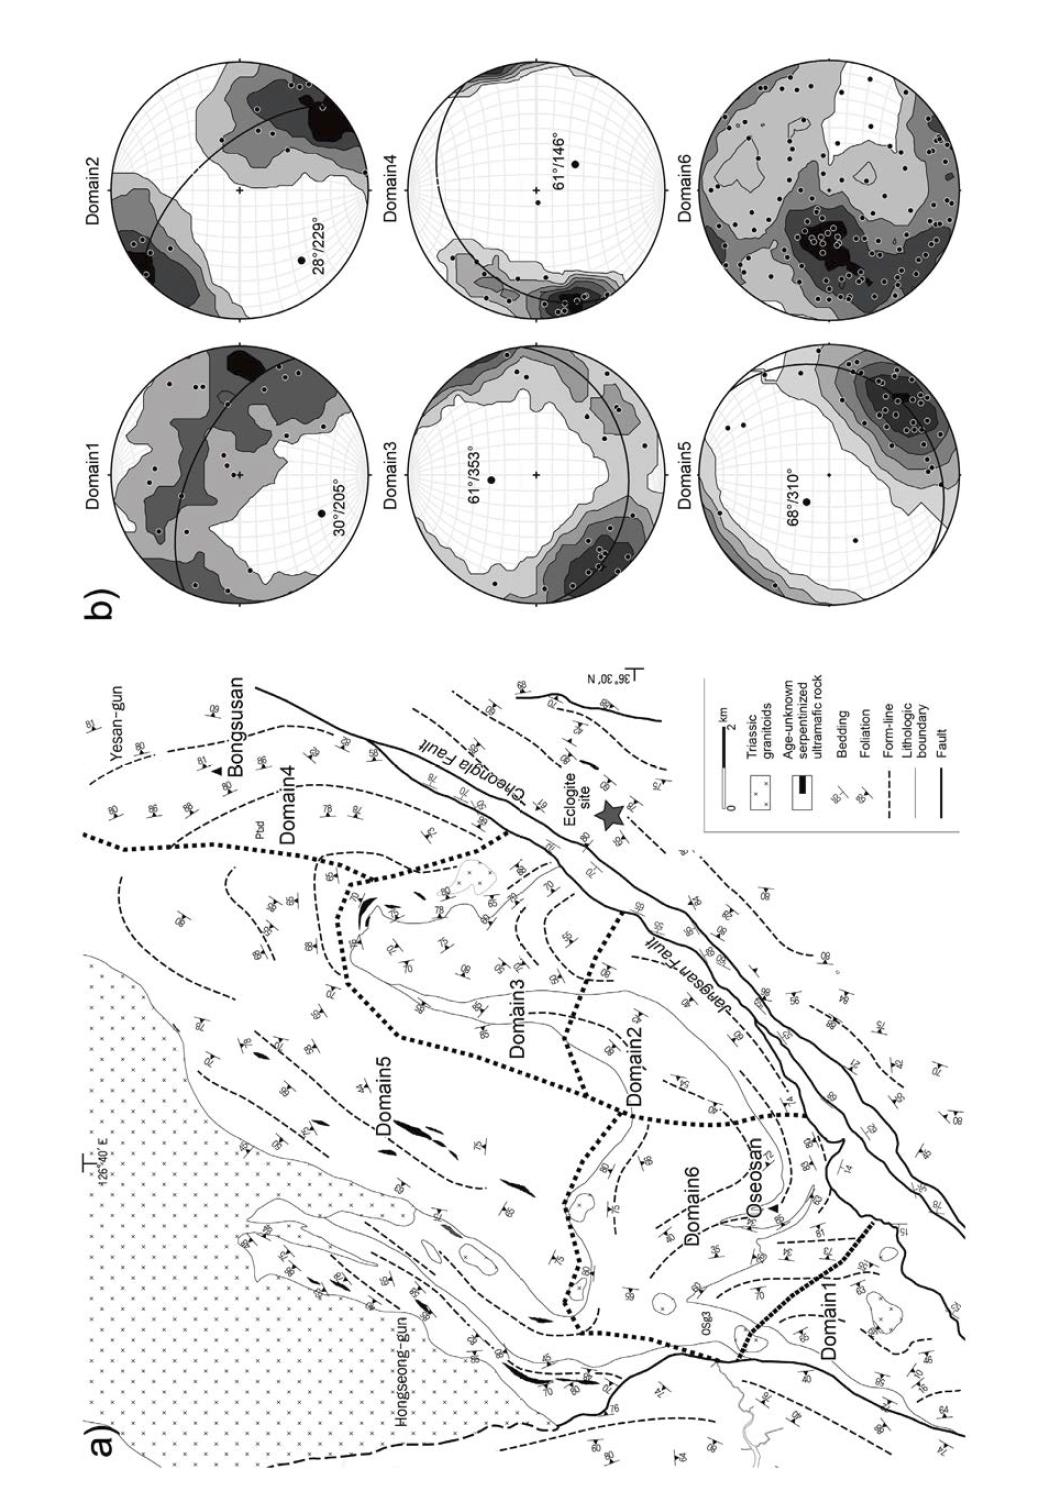 a) 오서산돔의 지질구조도. b) 각 영역 별 습곡축을 보여주는 π-도표.